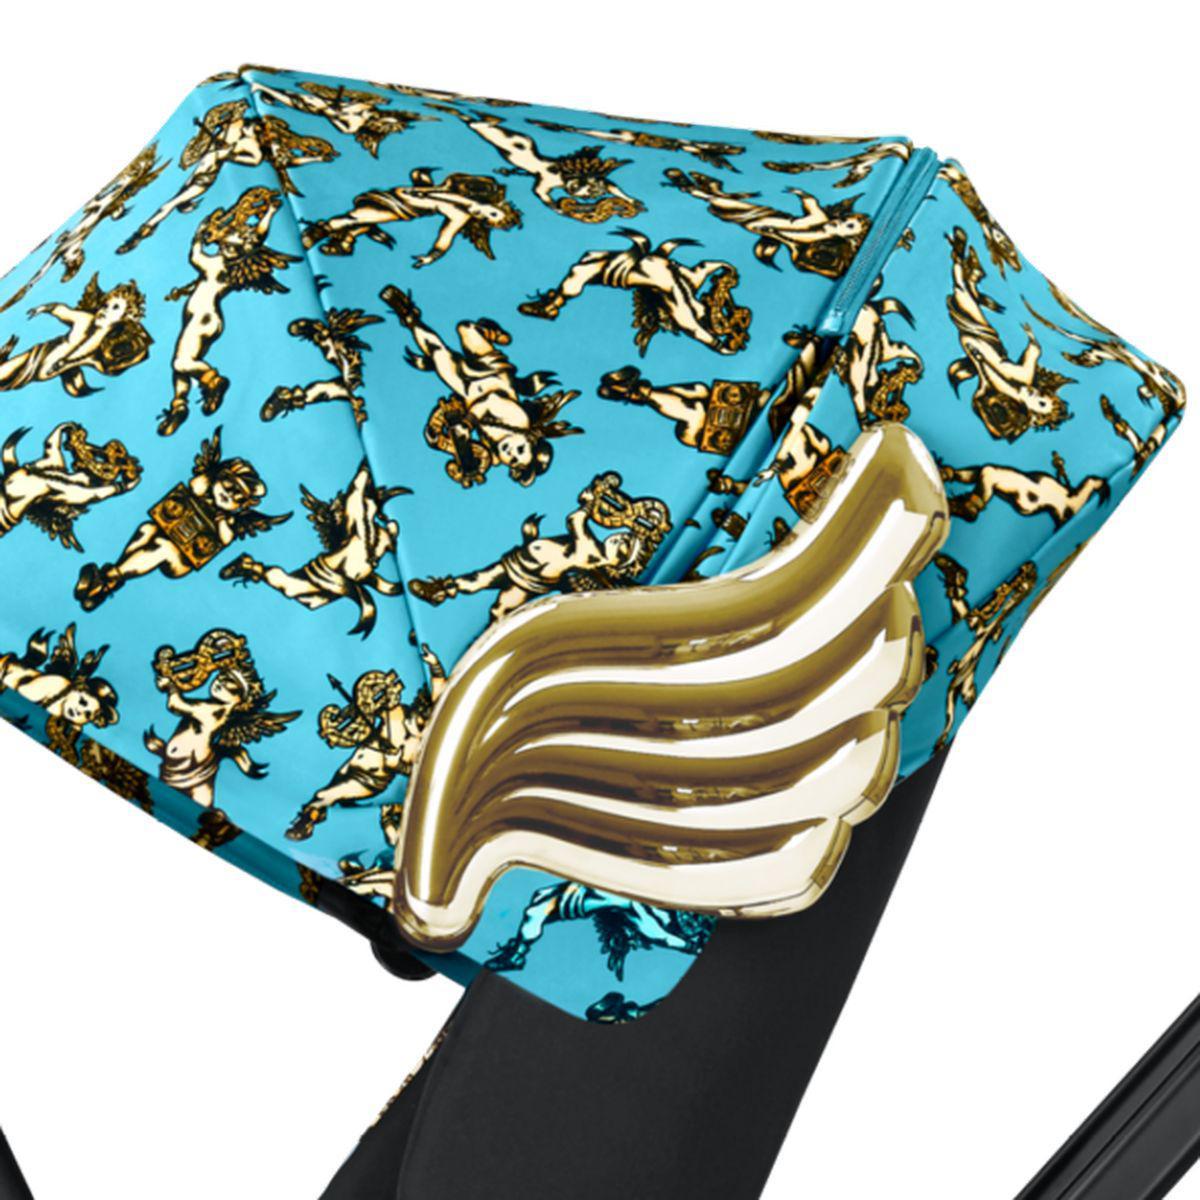 Poussette MIOS Cybex cherub blue-blue